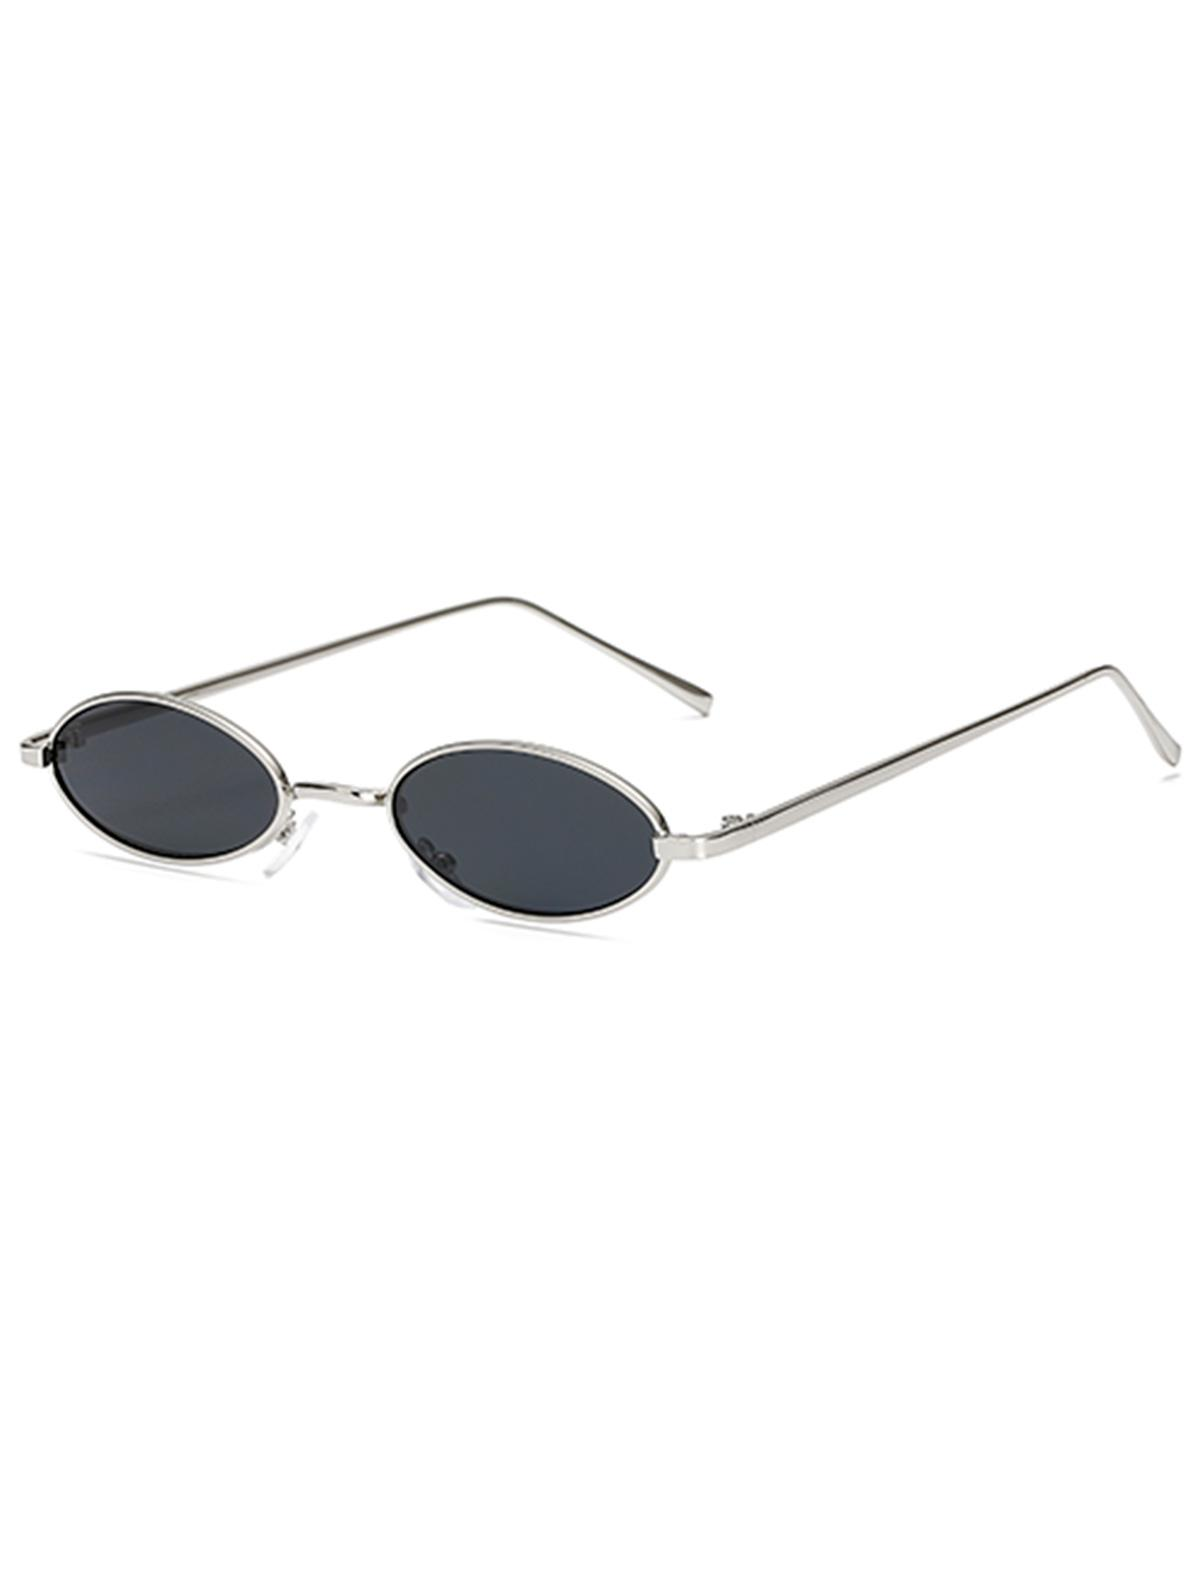 Vintage Small Oval Metal Sunglasses